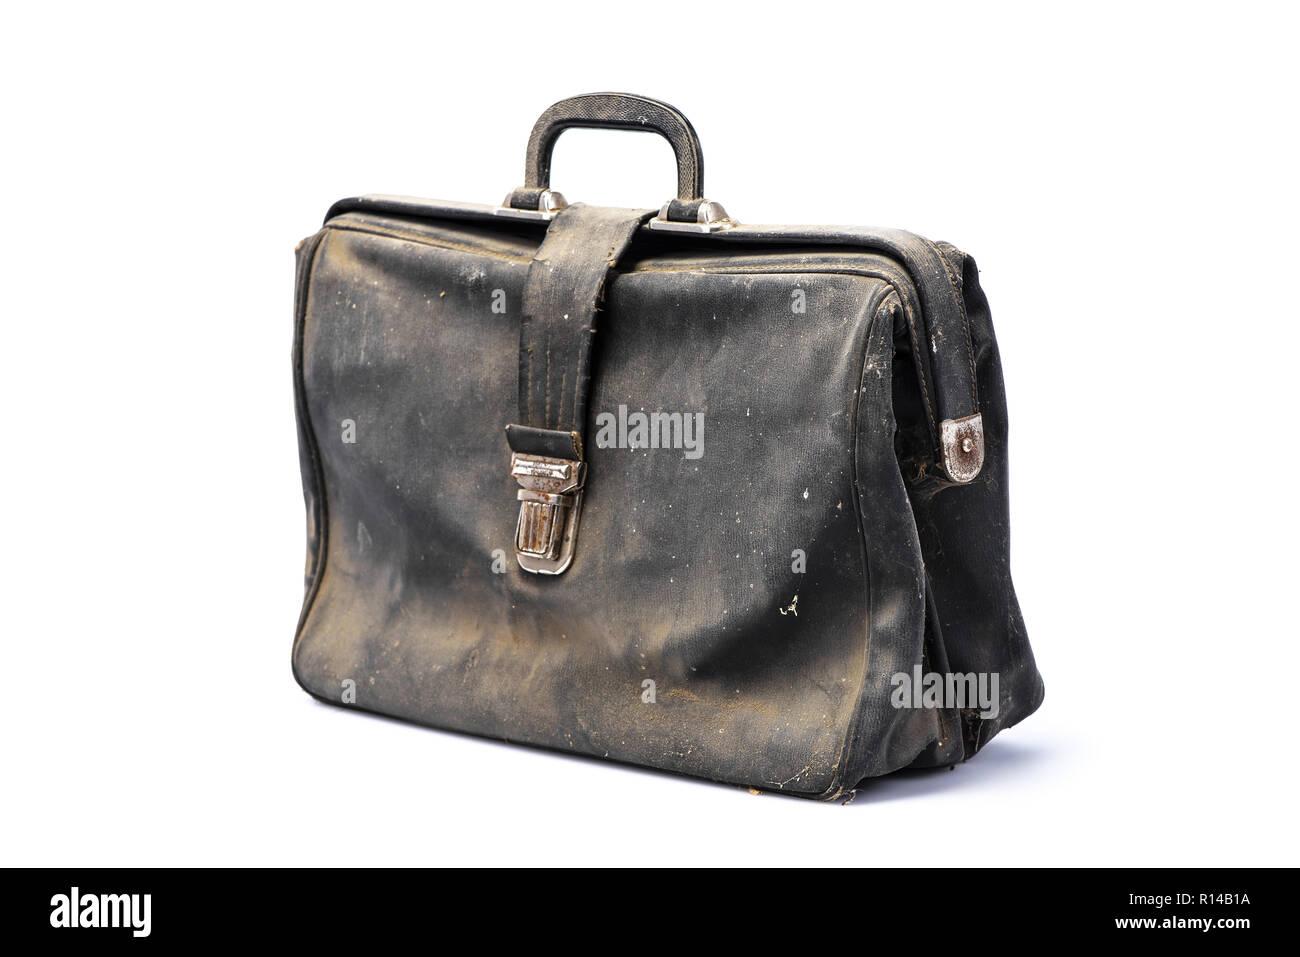 7ffa41f9102 Retro business Aktentasche, in Winkel, mit Staub bedeckt, schwarzes Leder  flapover, auf weißem Hintergrund, mit Schatten,